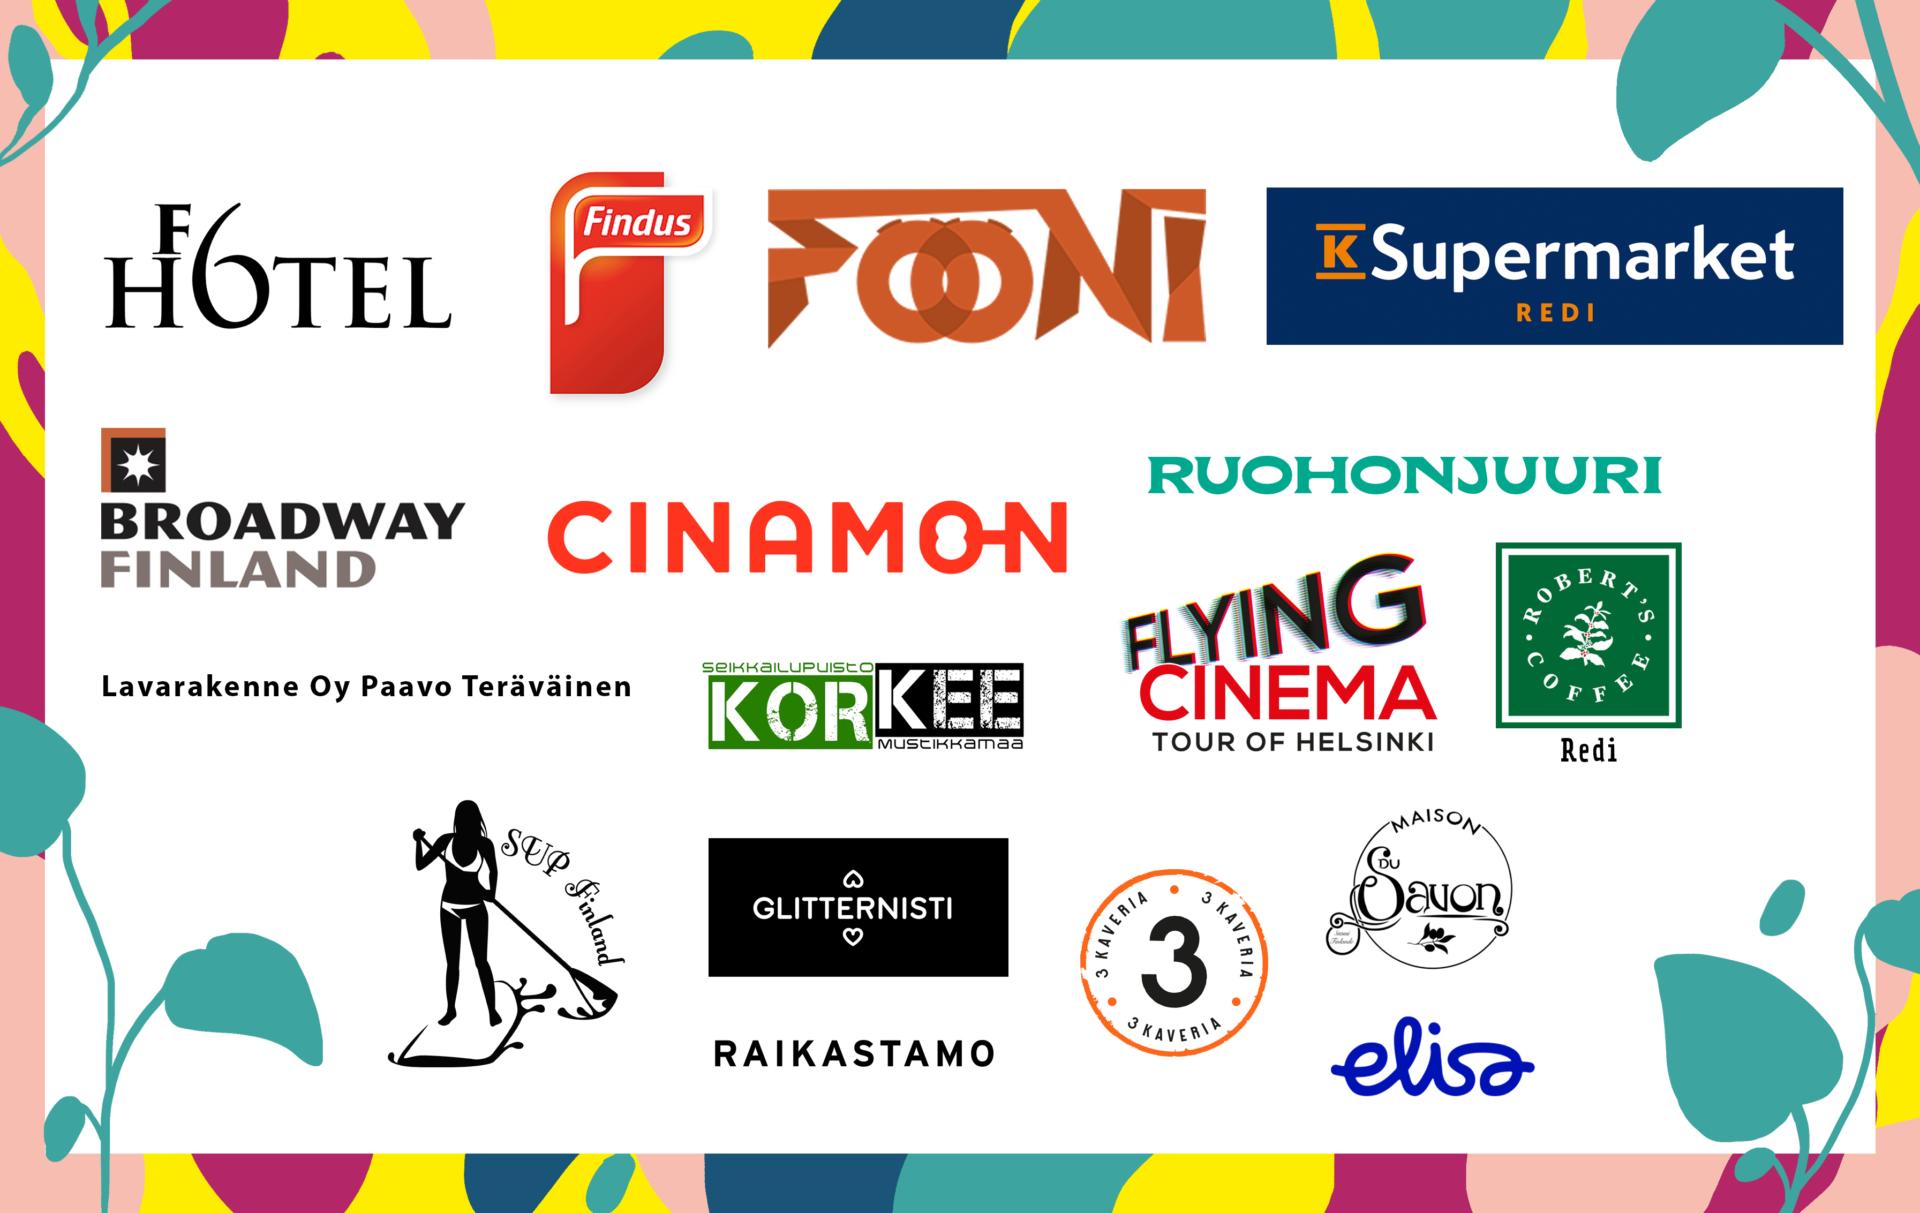 Kuva, johon on koottu kaikkien Selvä kesä -tapahtuman sponsorien logot.